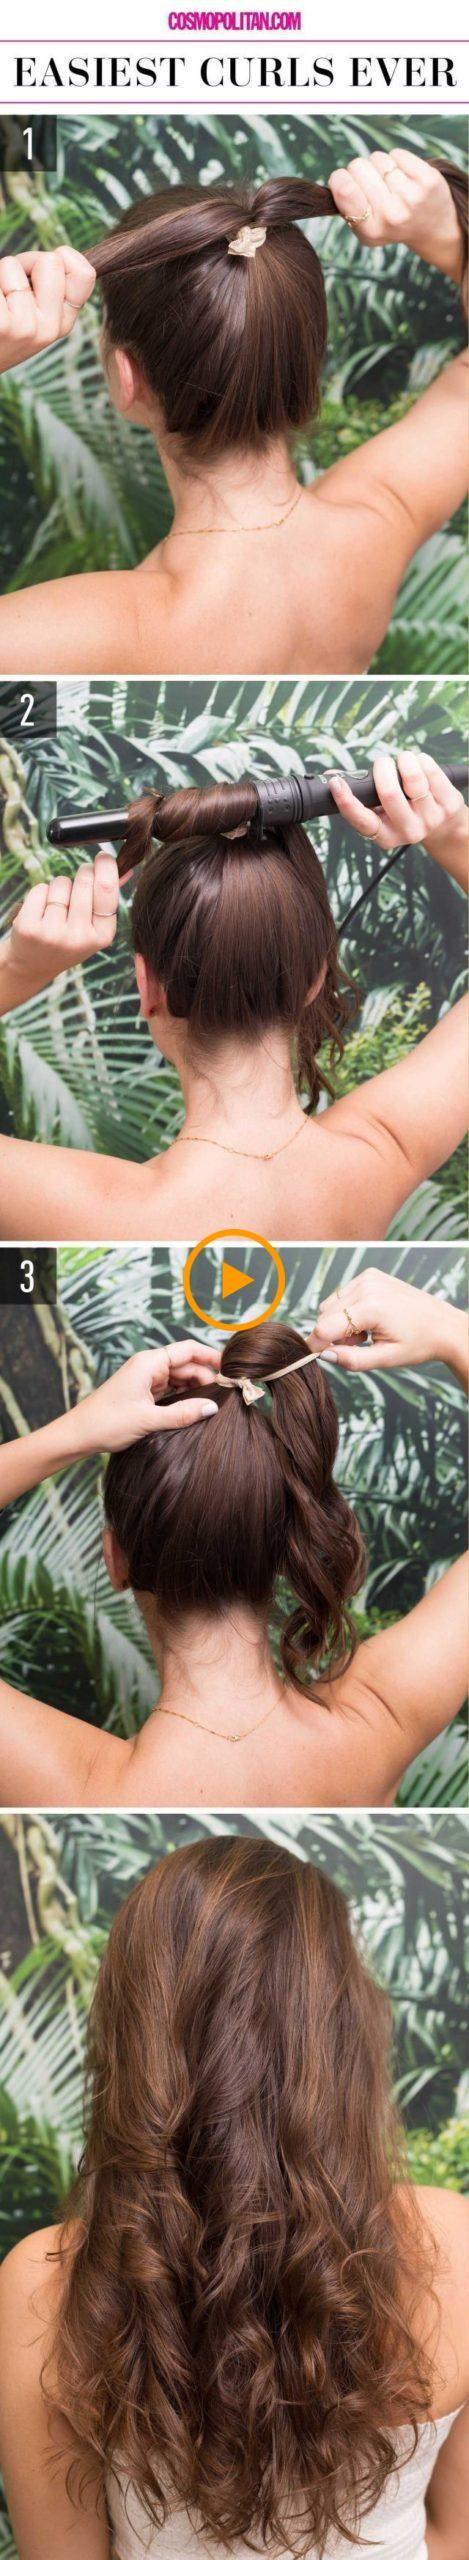 15 acconciature così carine per capelli lunghi # ...